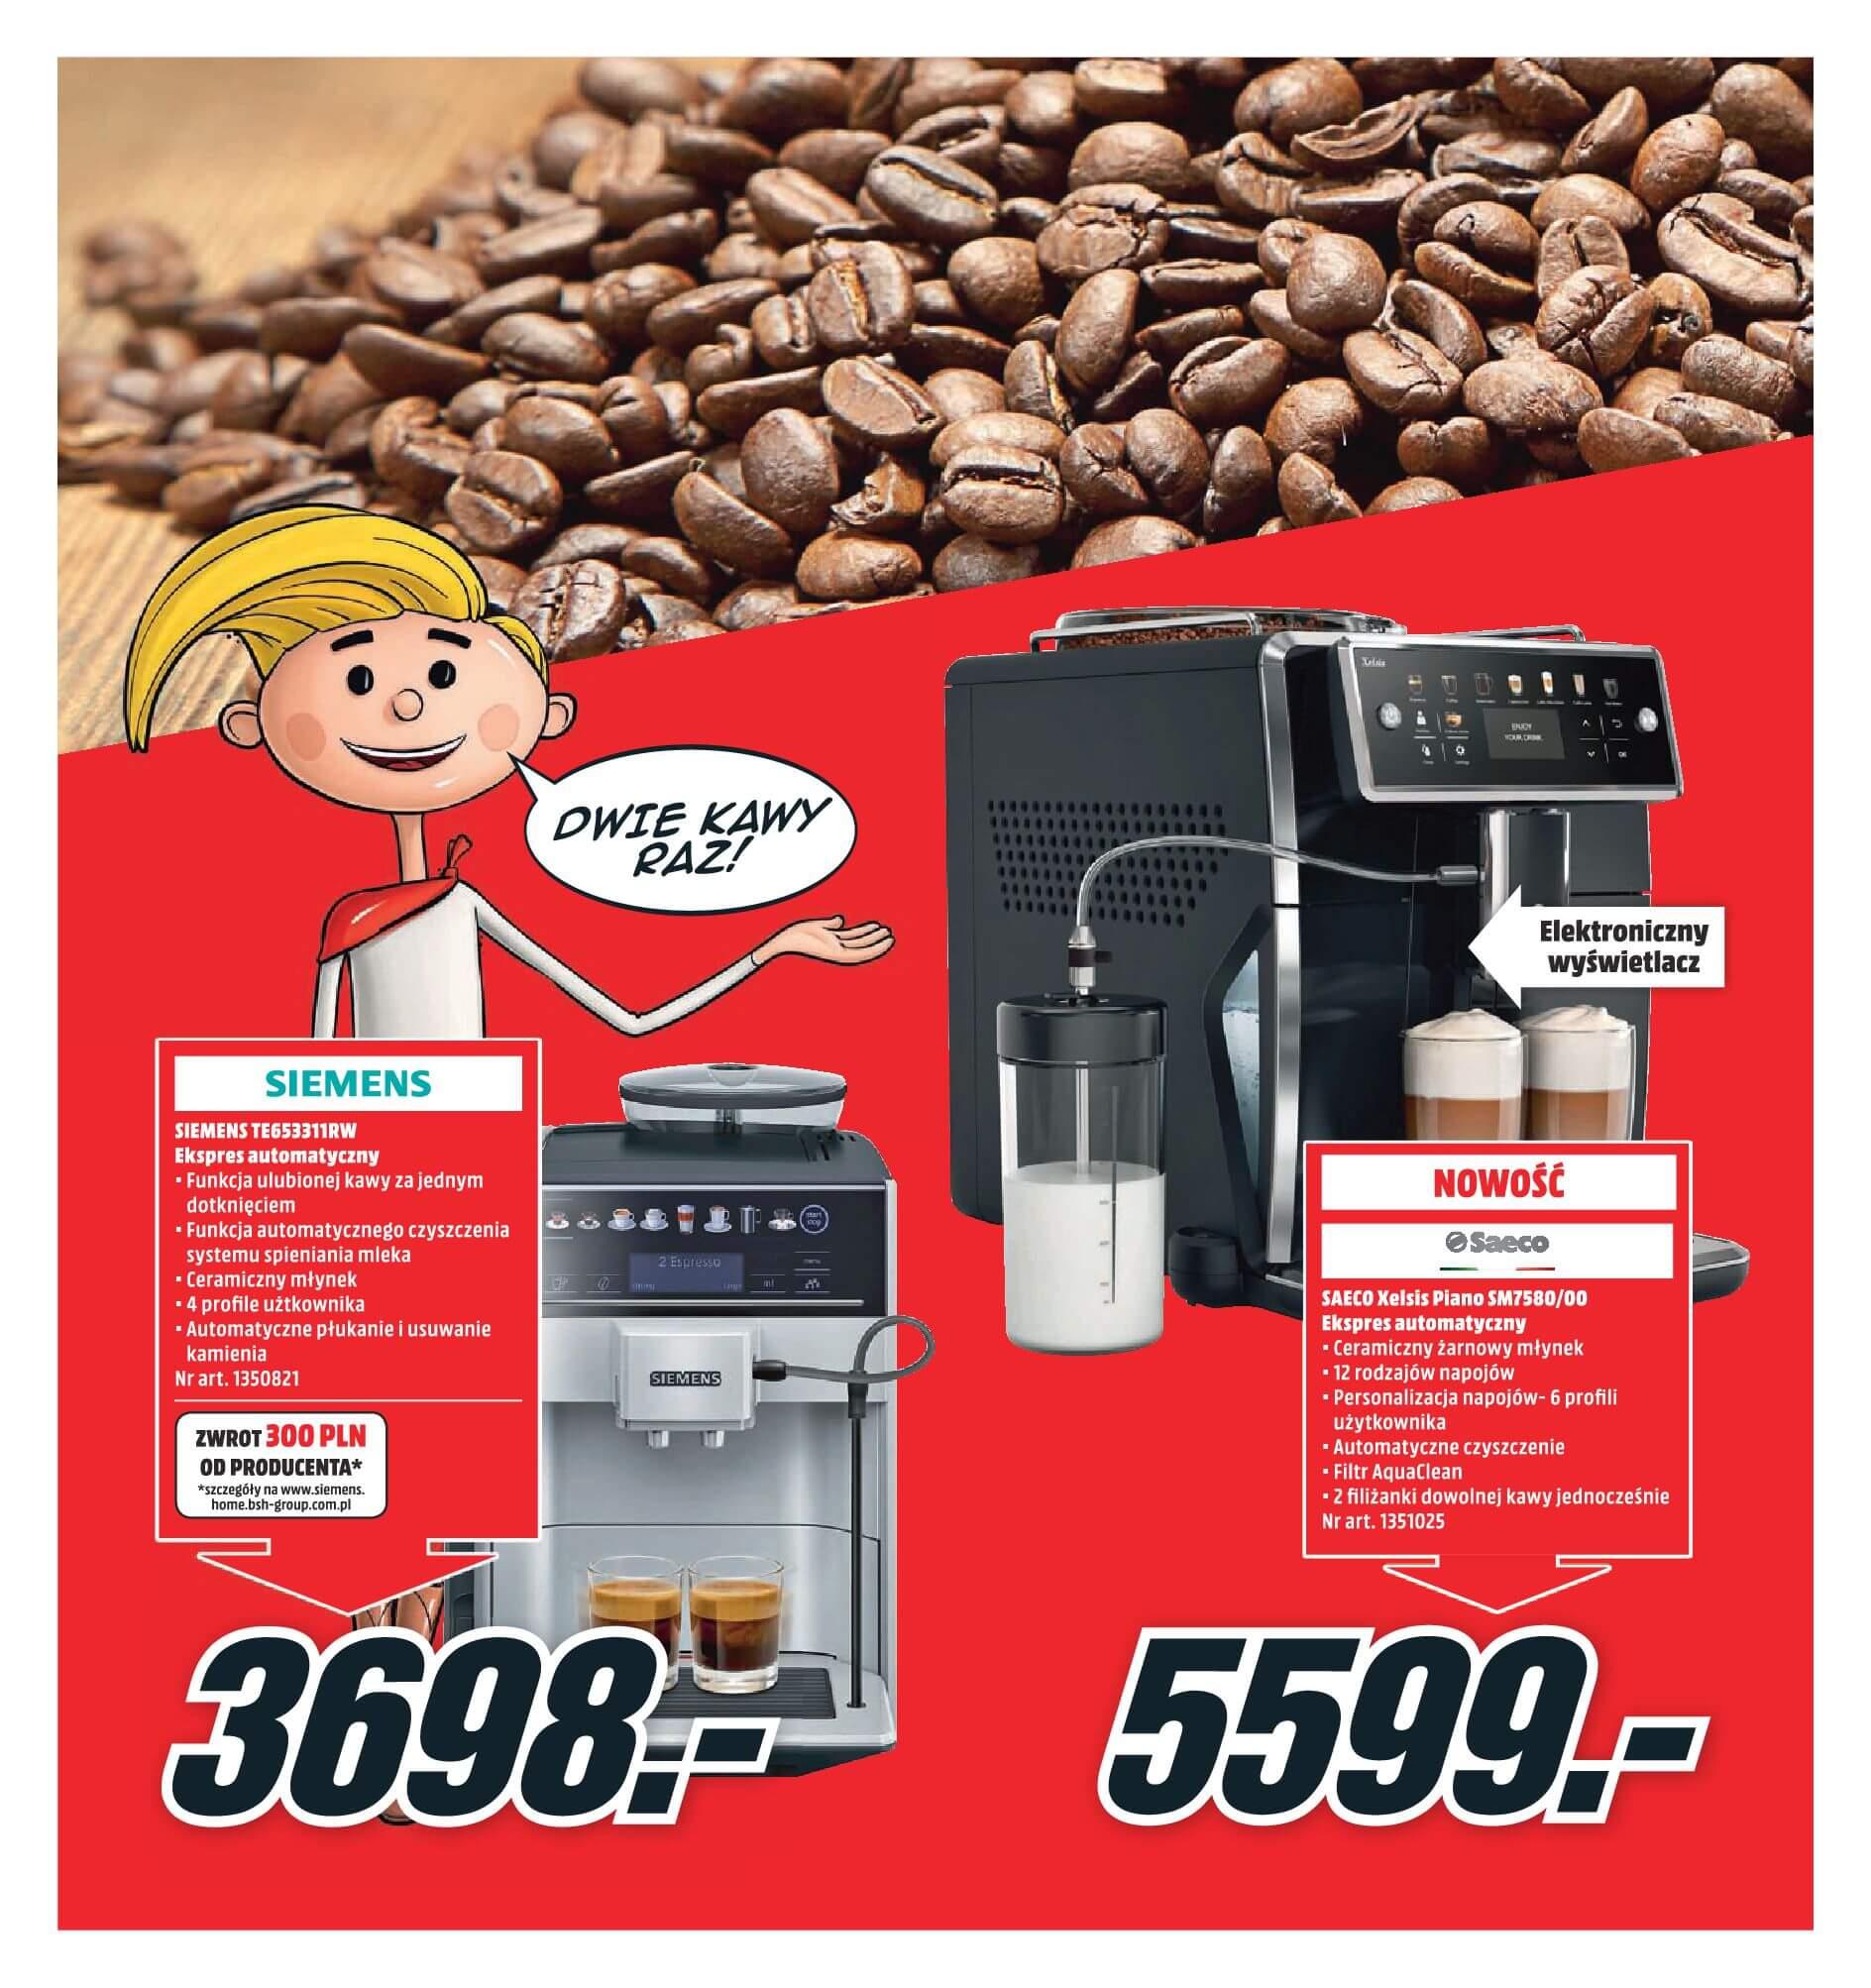 Gazetka Media Markt - Oferta na ekspresy do kawy, blendery, odkurzacze-2017-11-19-2017-12-10-page-6